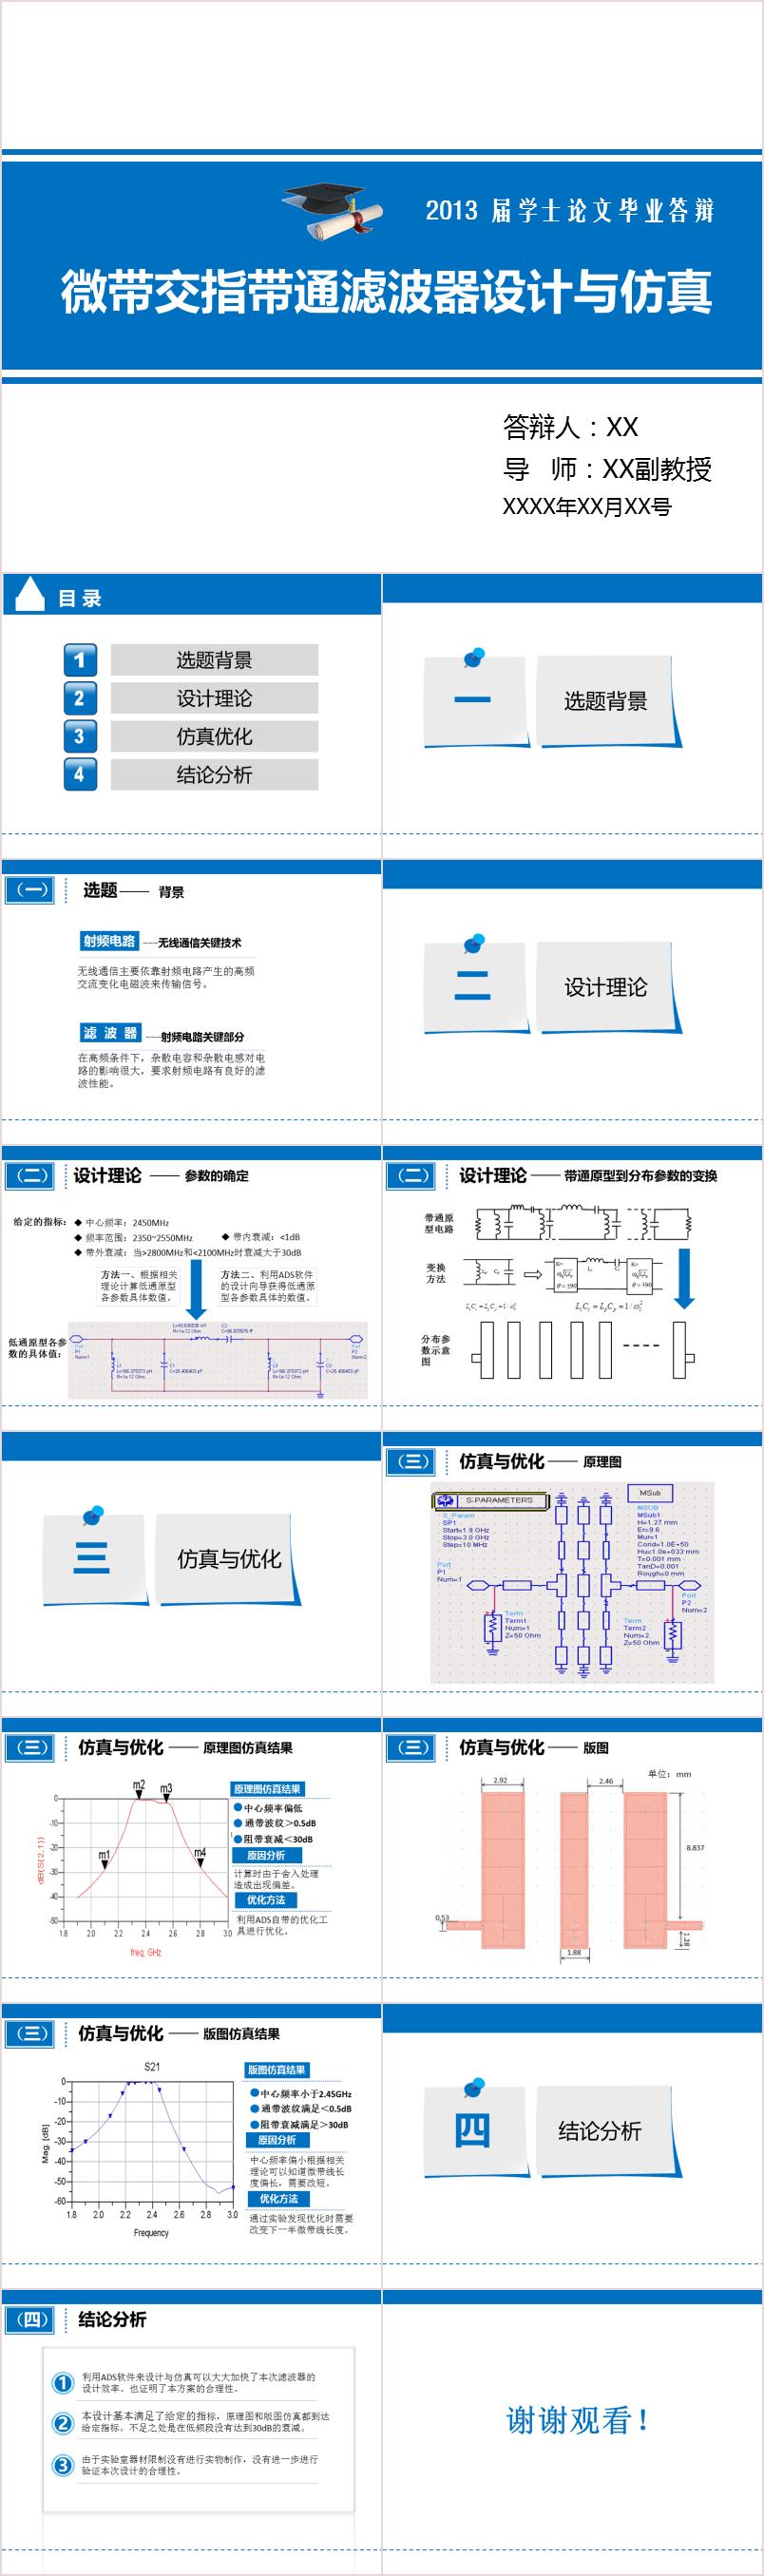 模板资源(biyeseng.cn).jpg